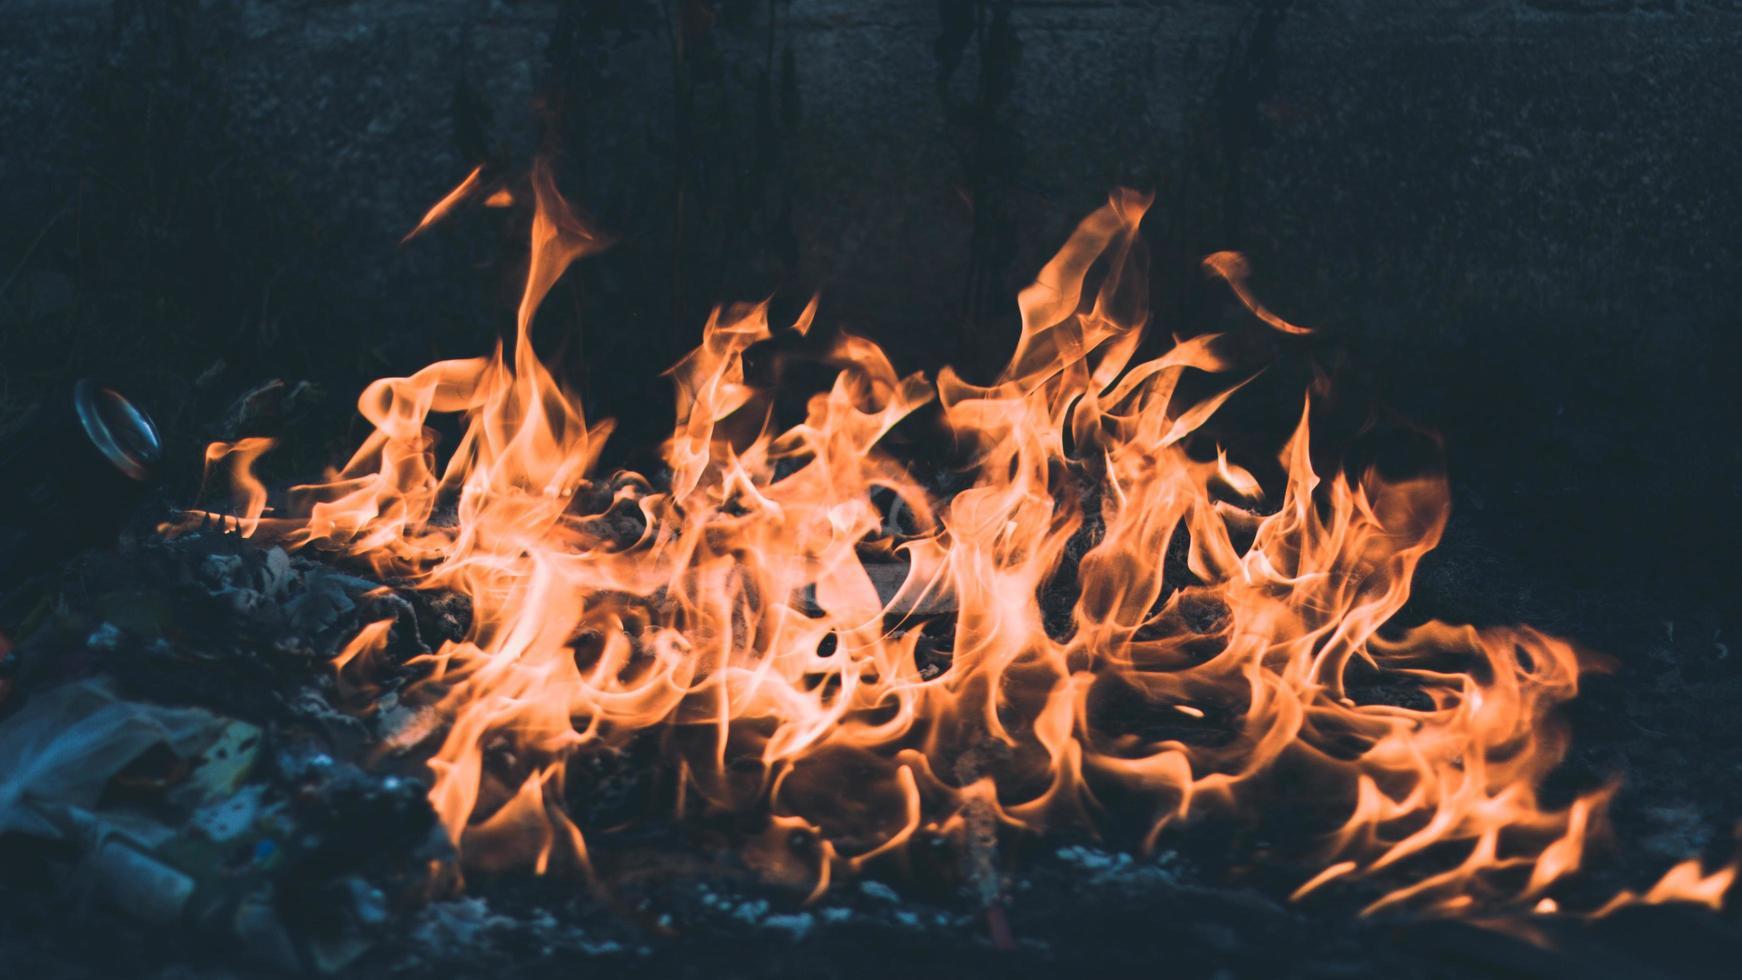 kampvuur van brandend afval foto